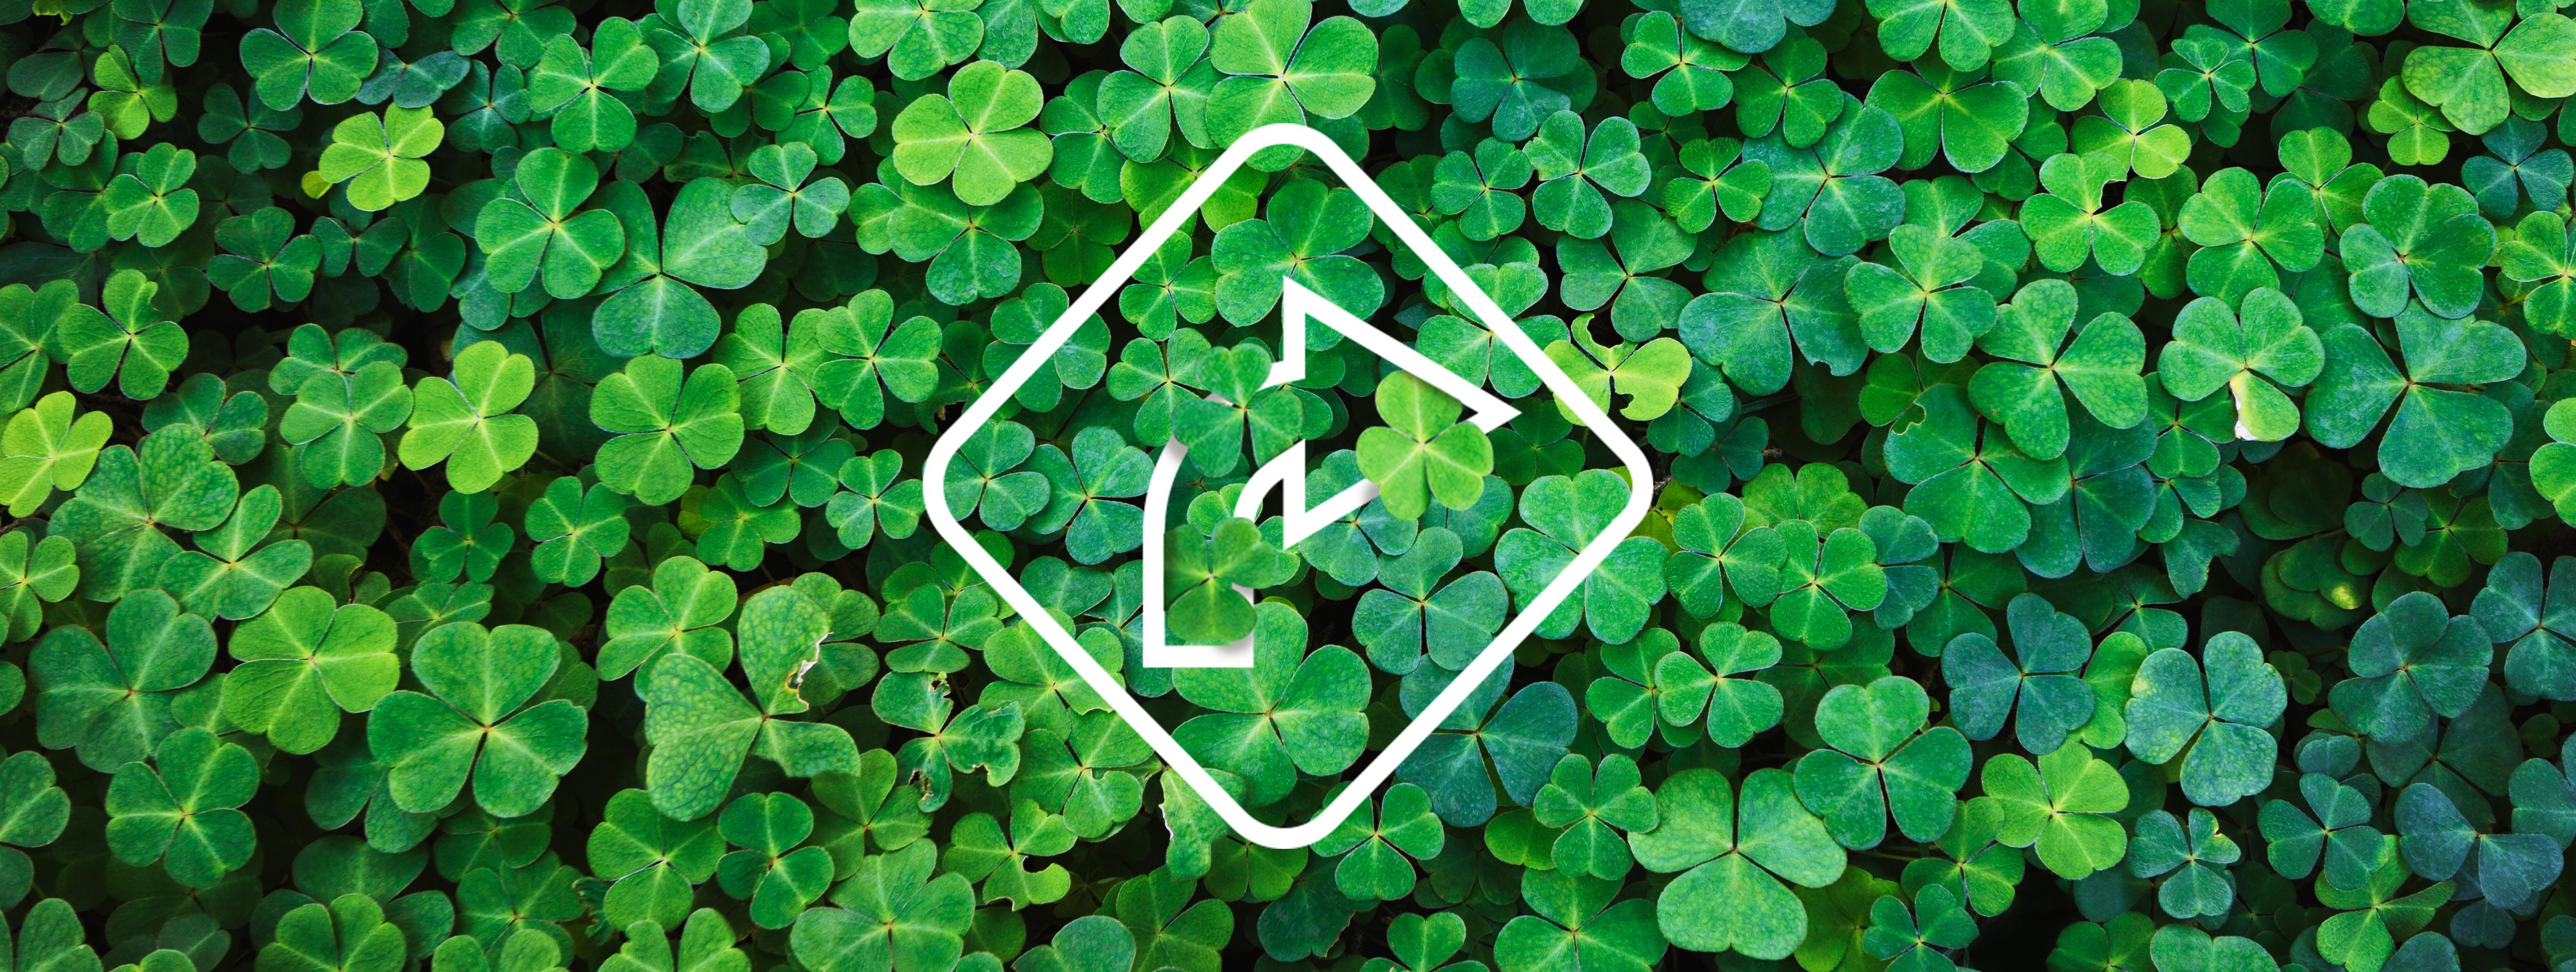 Eesti Energia – Turn Green